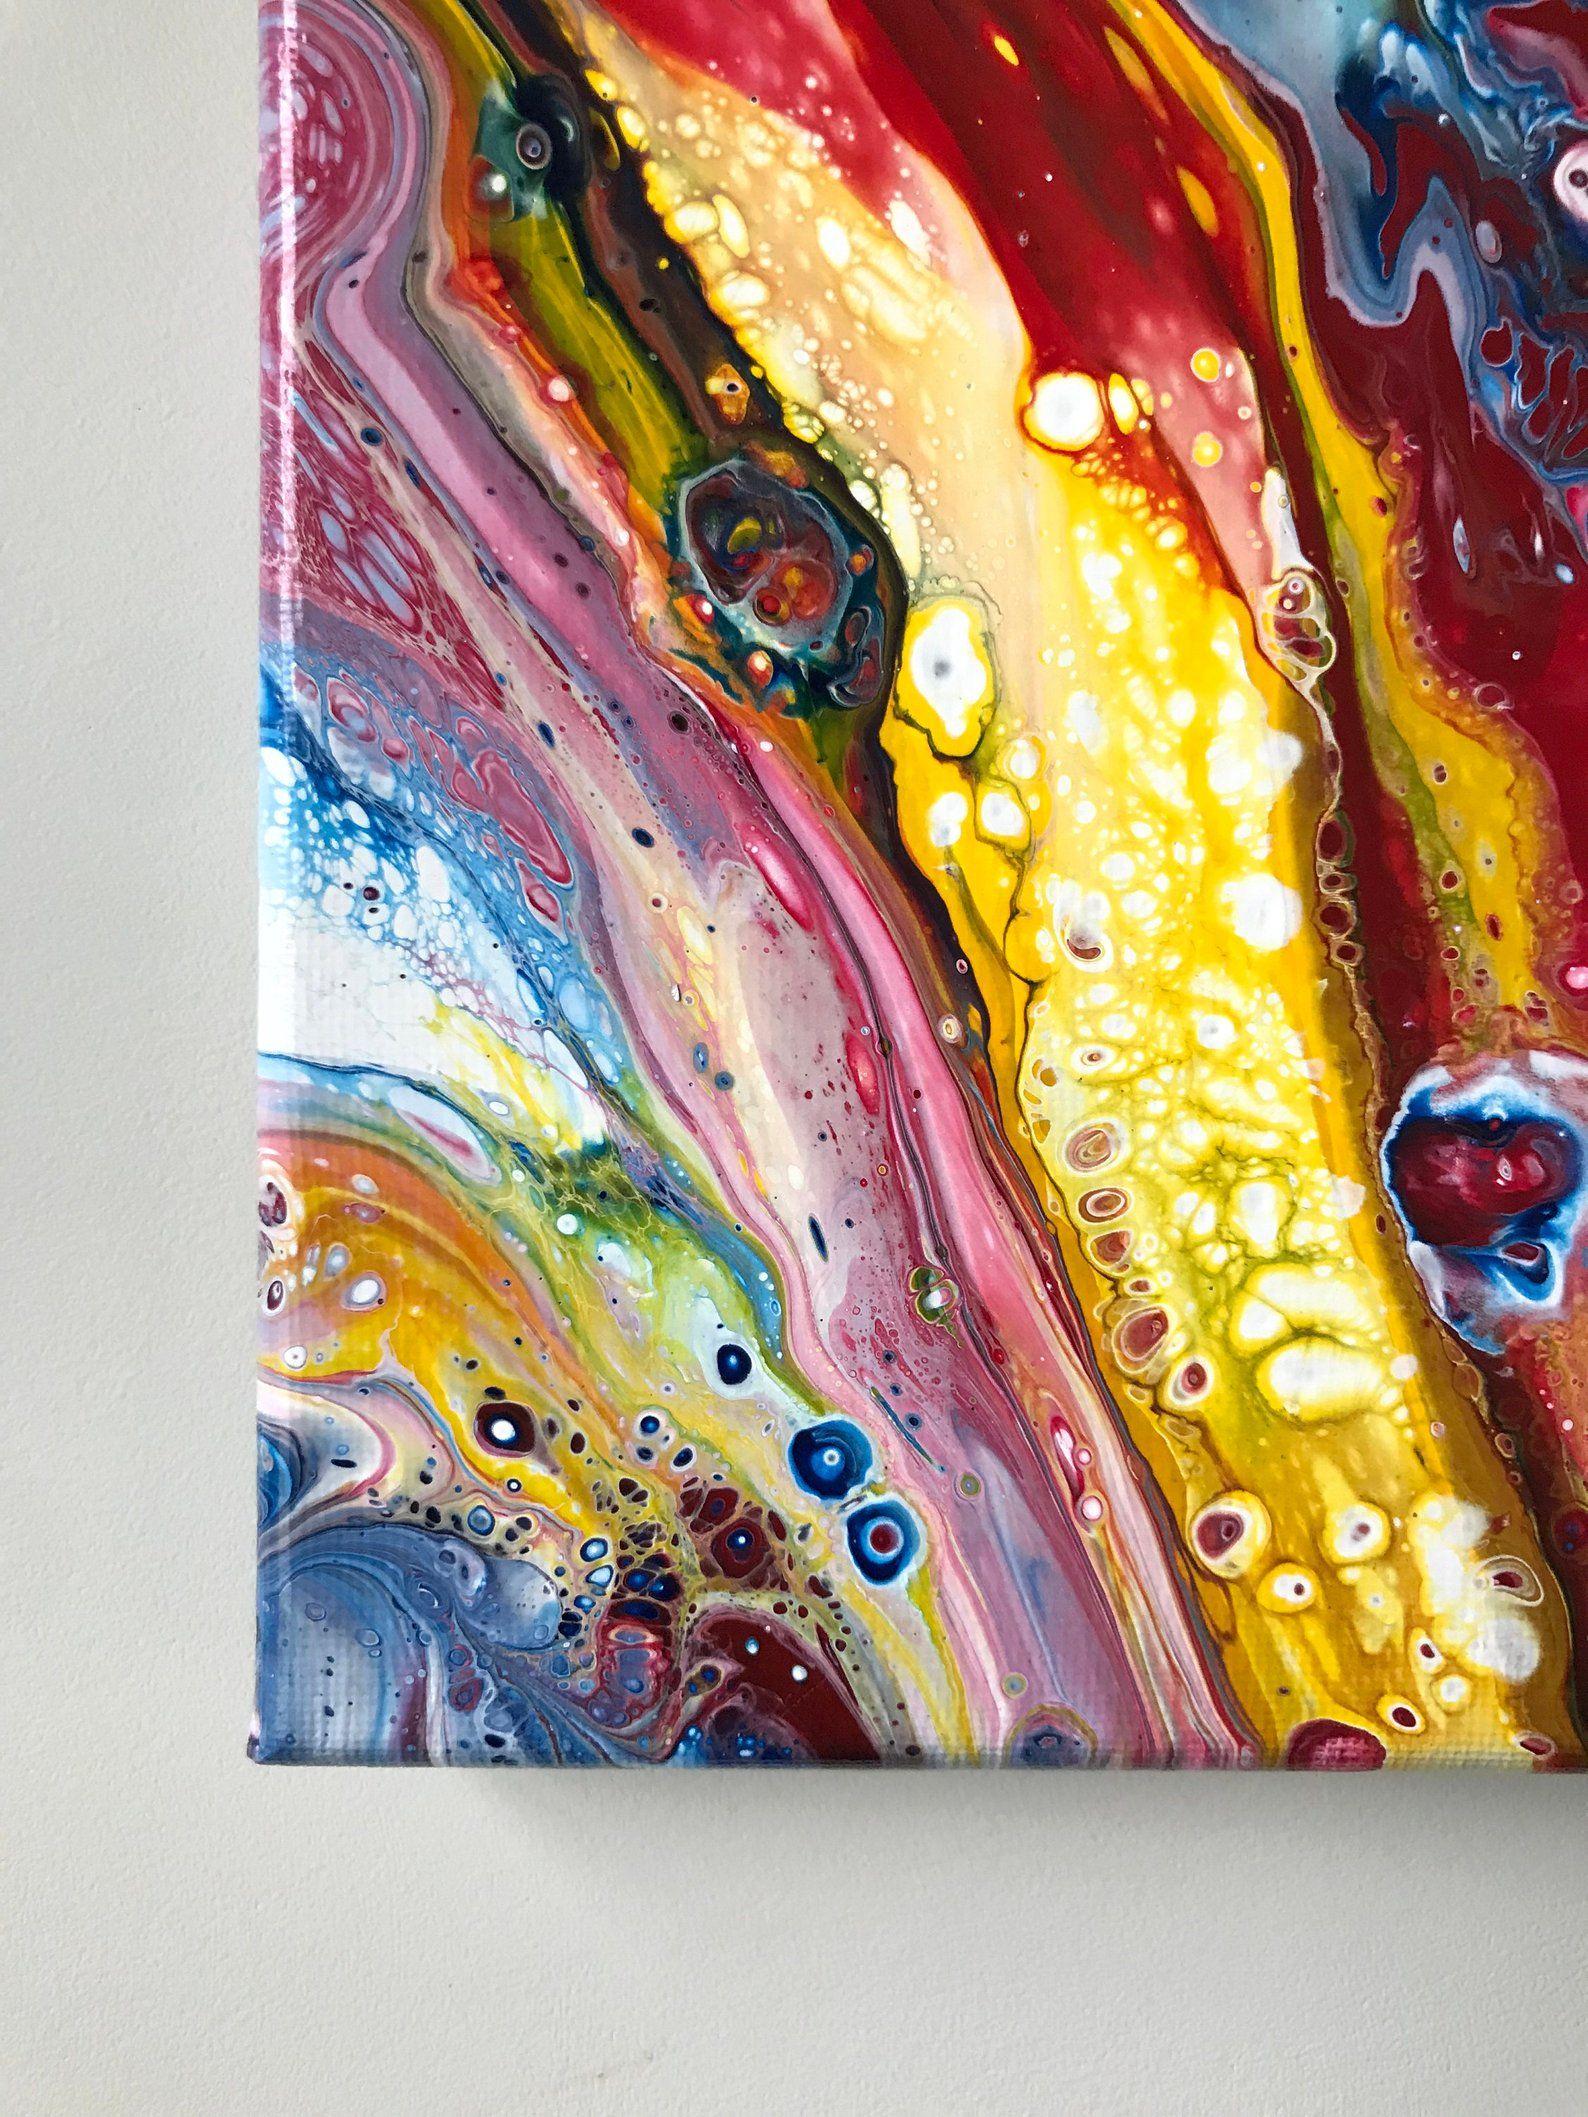 22 10 Pouces Carre Acrylique Versez Peinture Acrylique Peinture Pouring Peinture